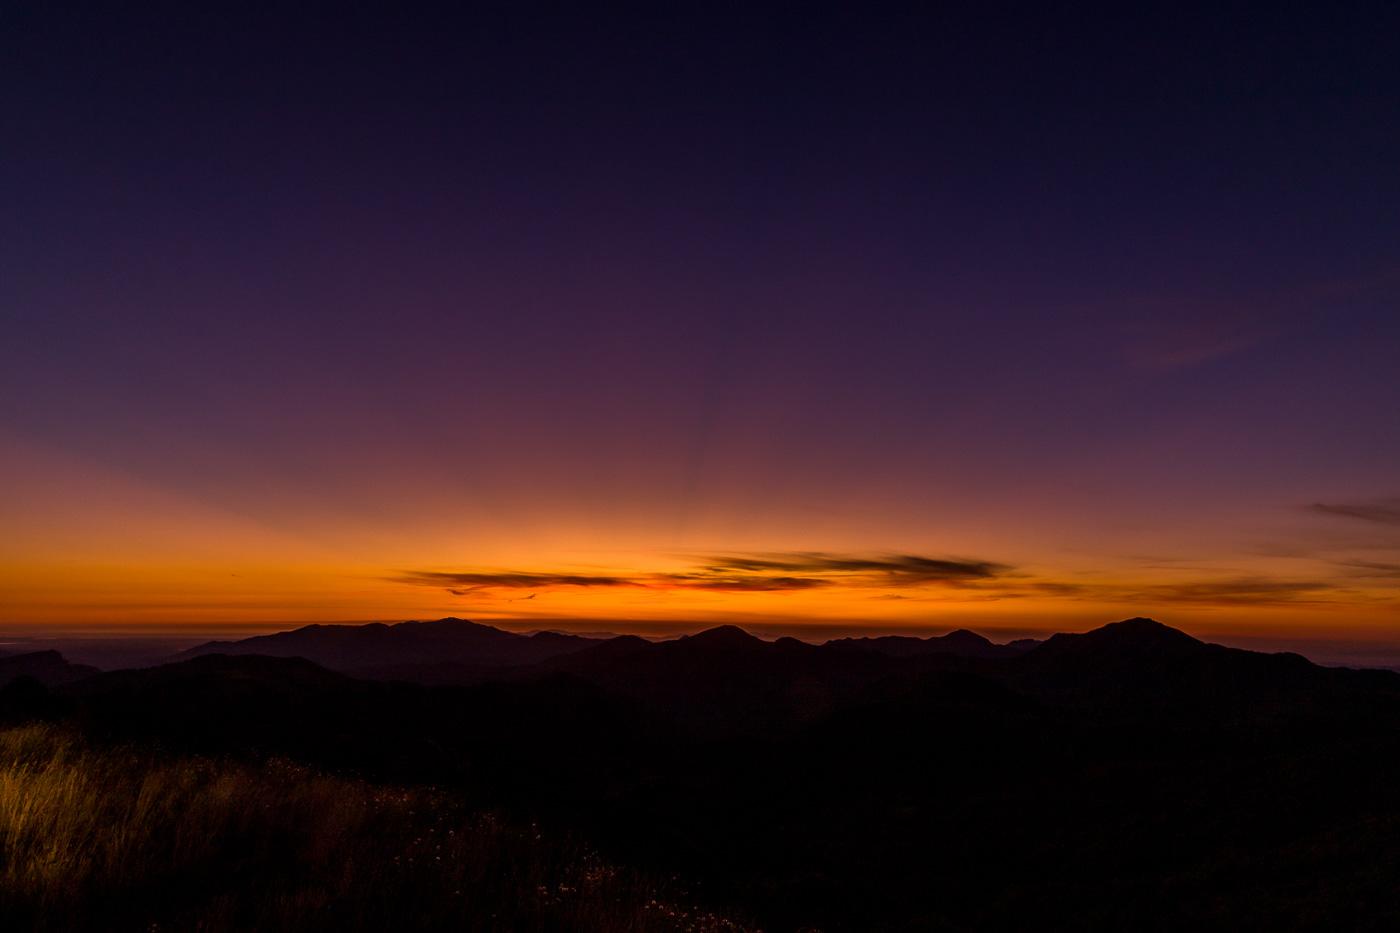 Des de Coll d'Ares - Fotografies de paisatges - Raül Carmona - Fotografia, Fotografia d'estudi, esdeveniments i Natura